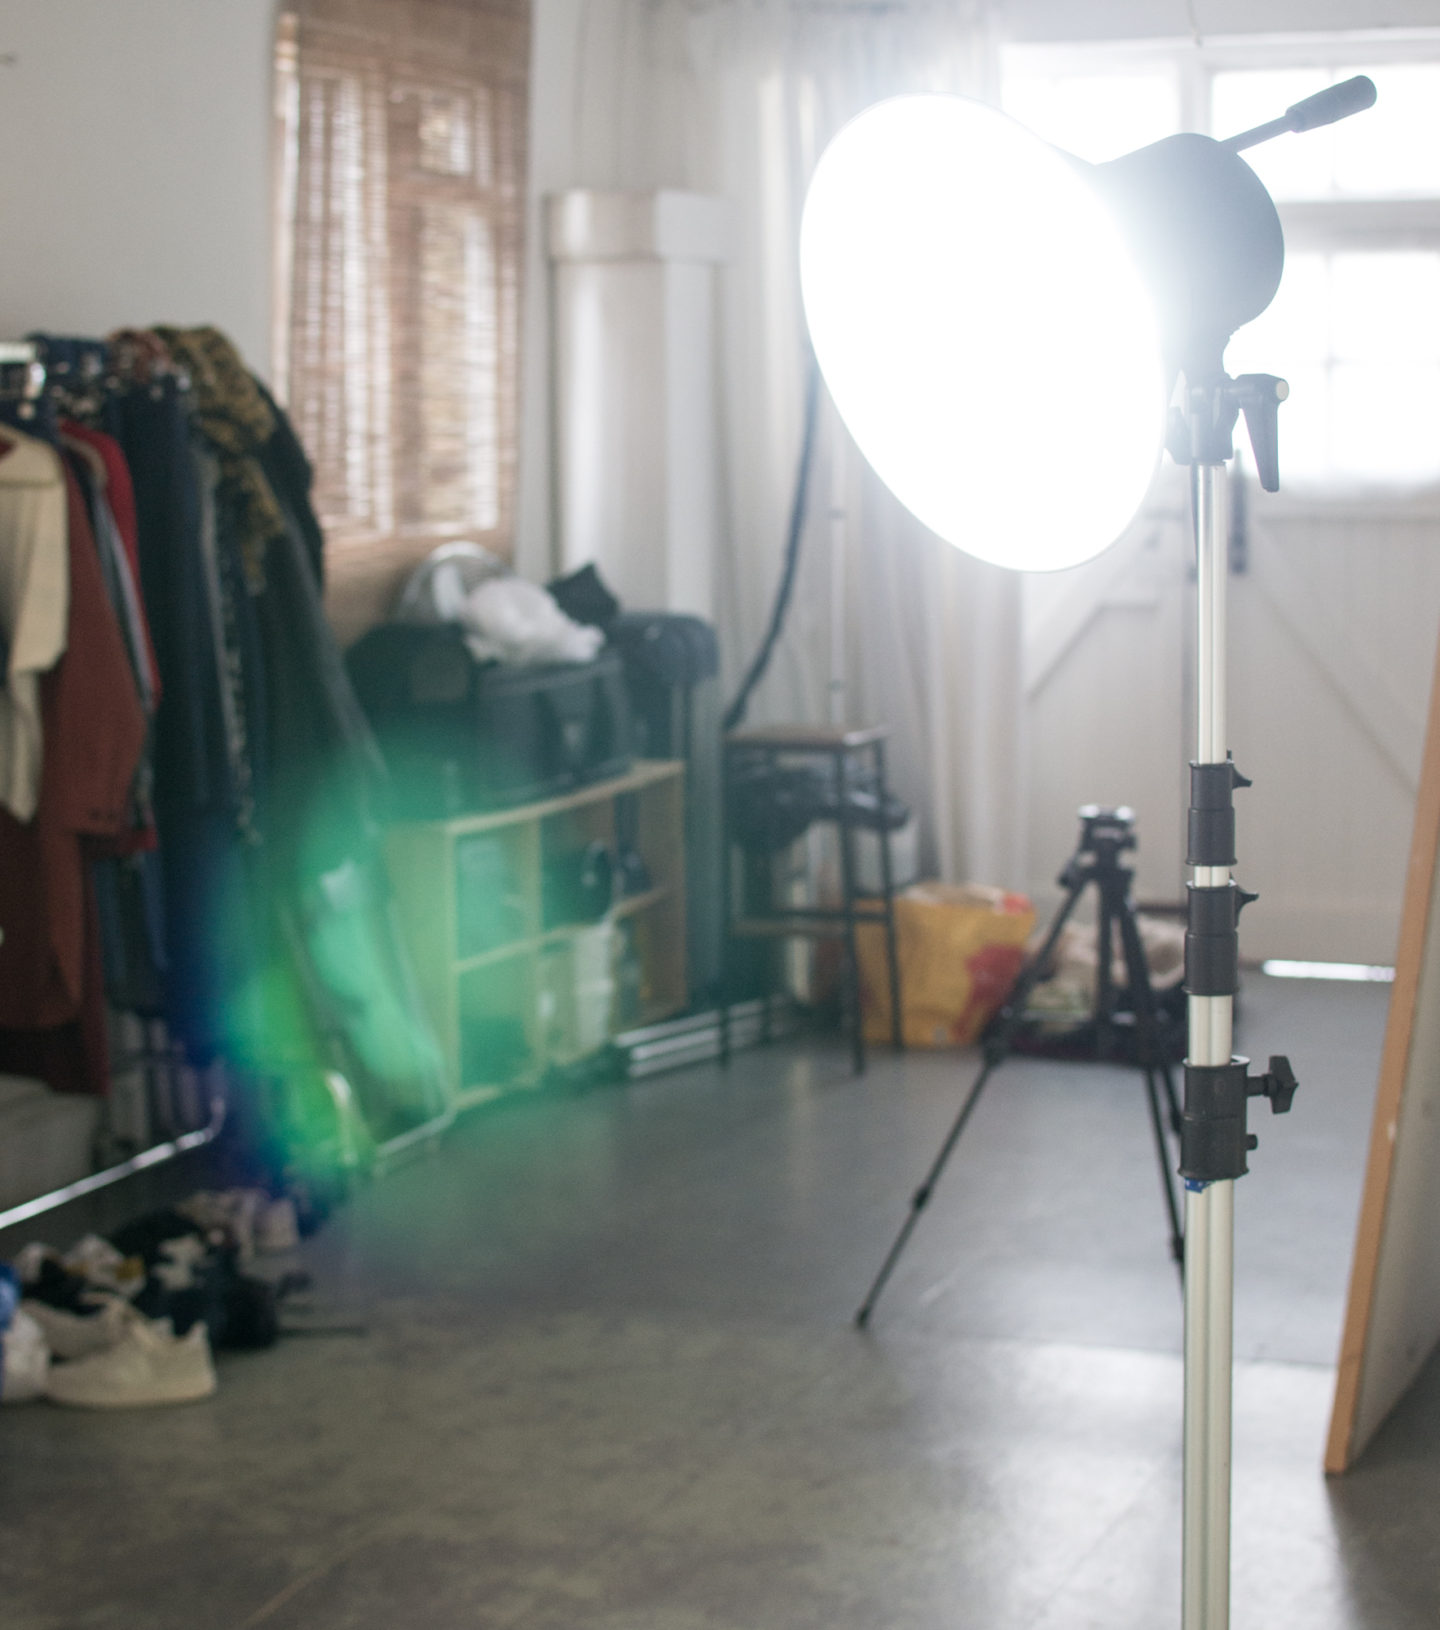 Green Lens Studio, Sustainable Photographic Studio